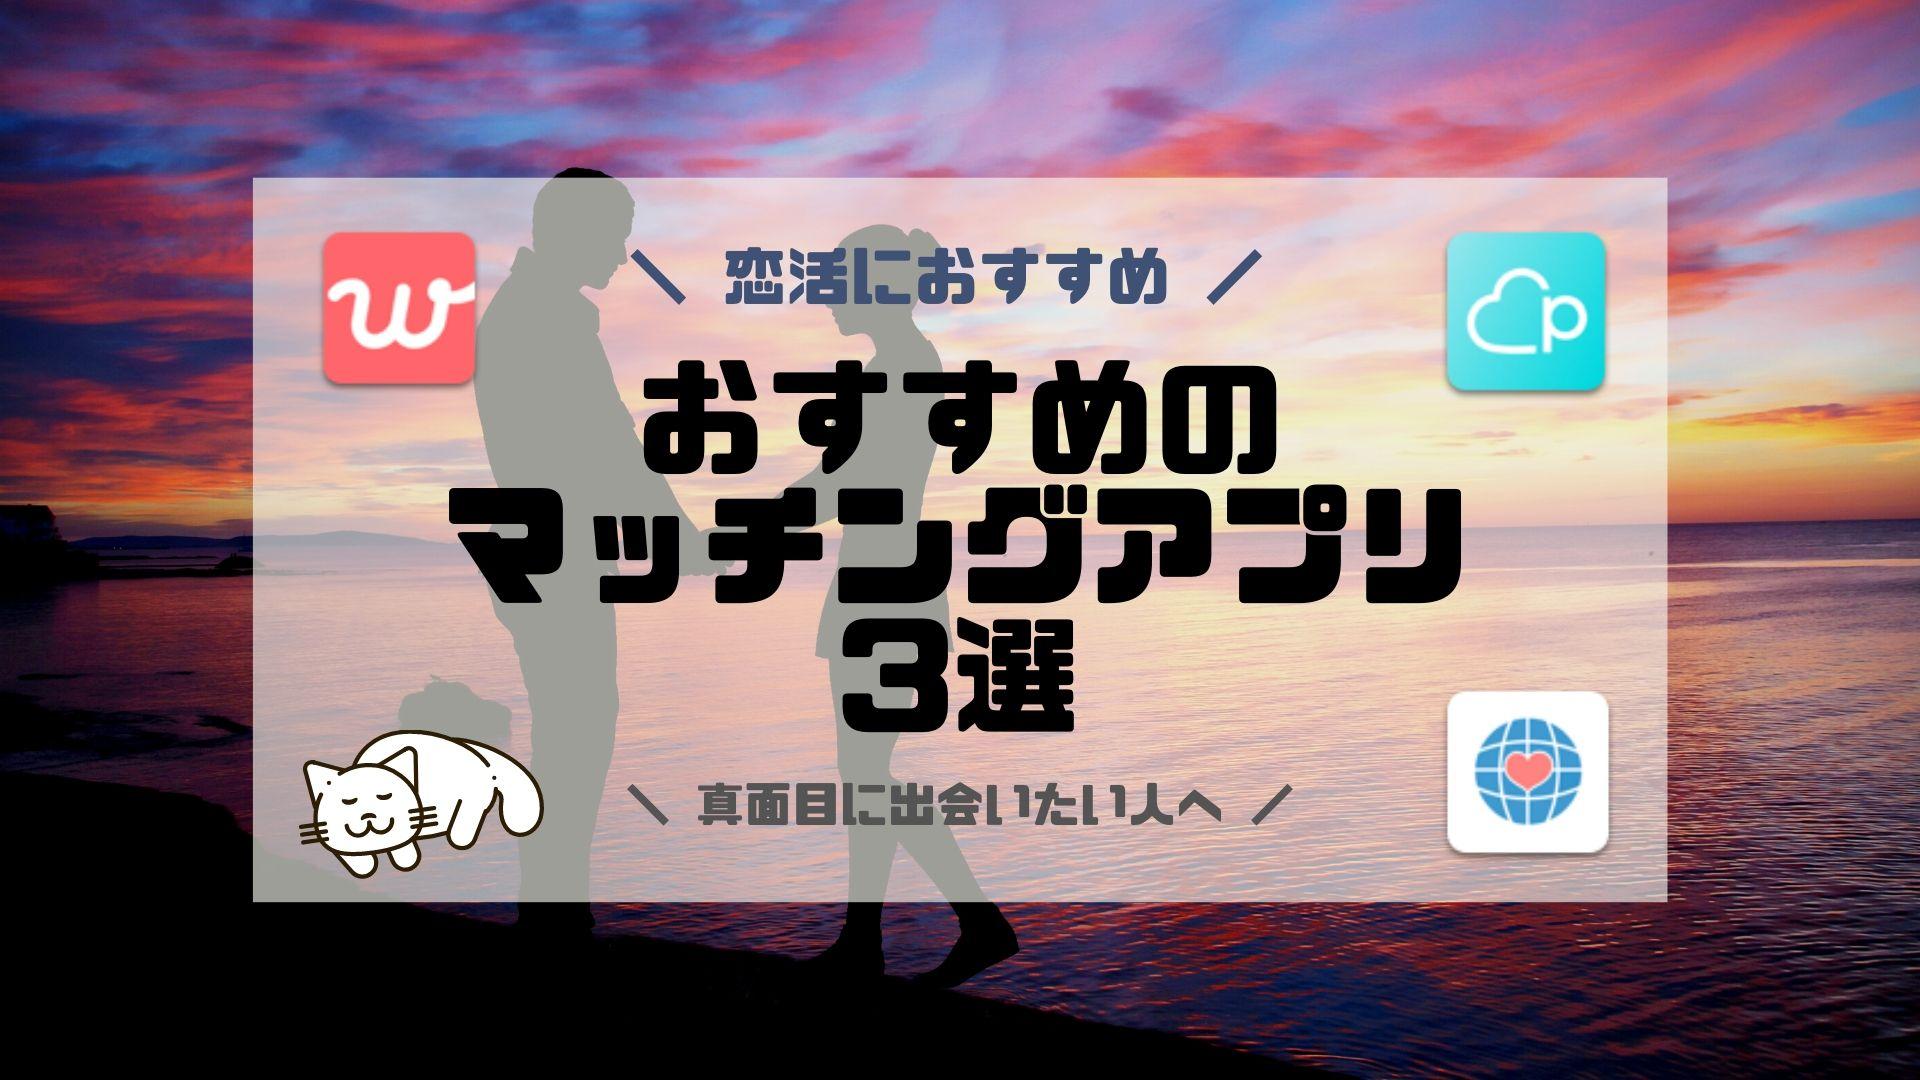 出会いのプロがおすすめするマッチングアプリ3選【真面目な恋活】